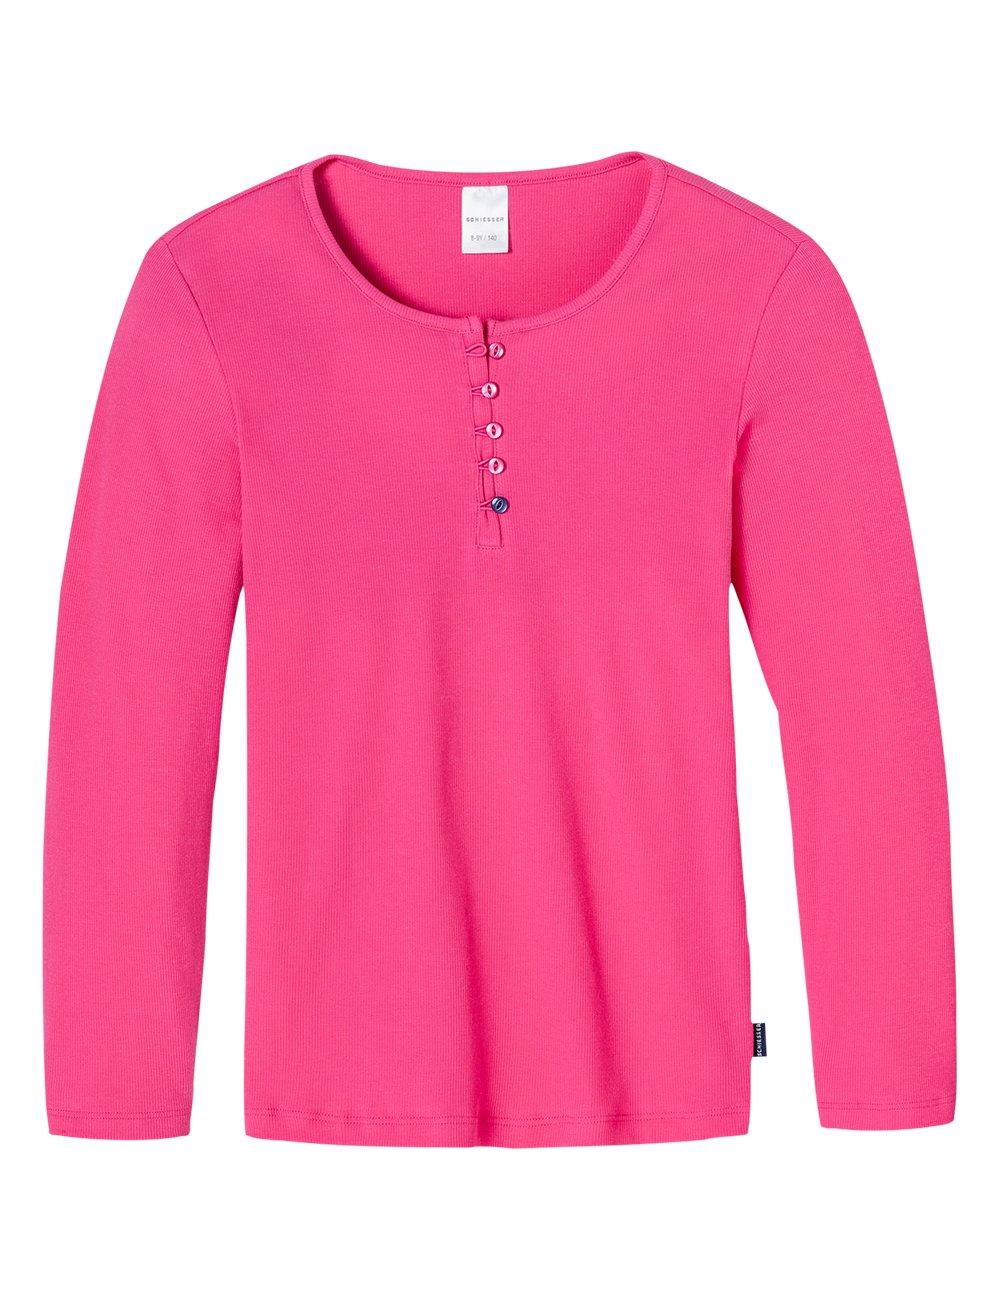 Schiesser Girl's Shirt 1/1 Pyjama Top Schiesser AG 146019